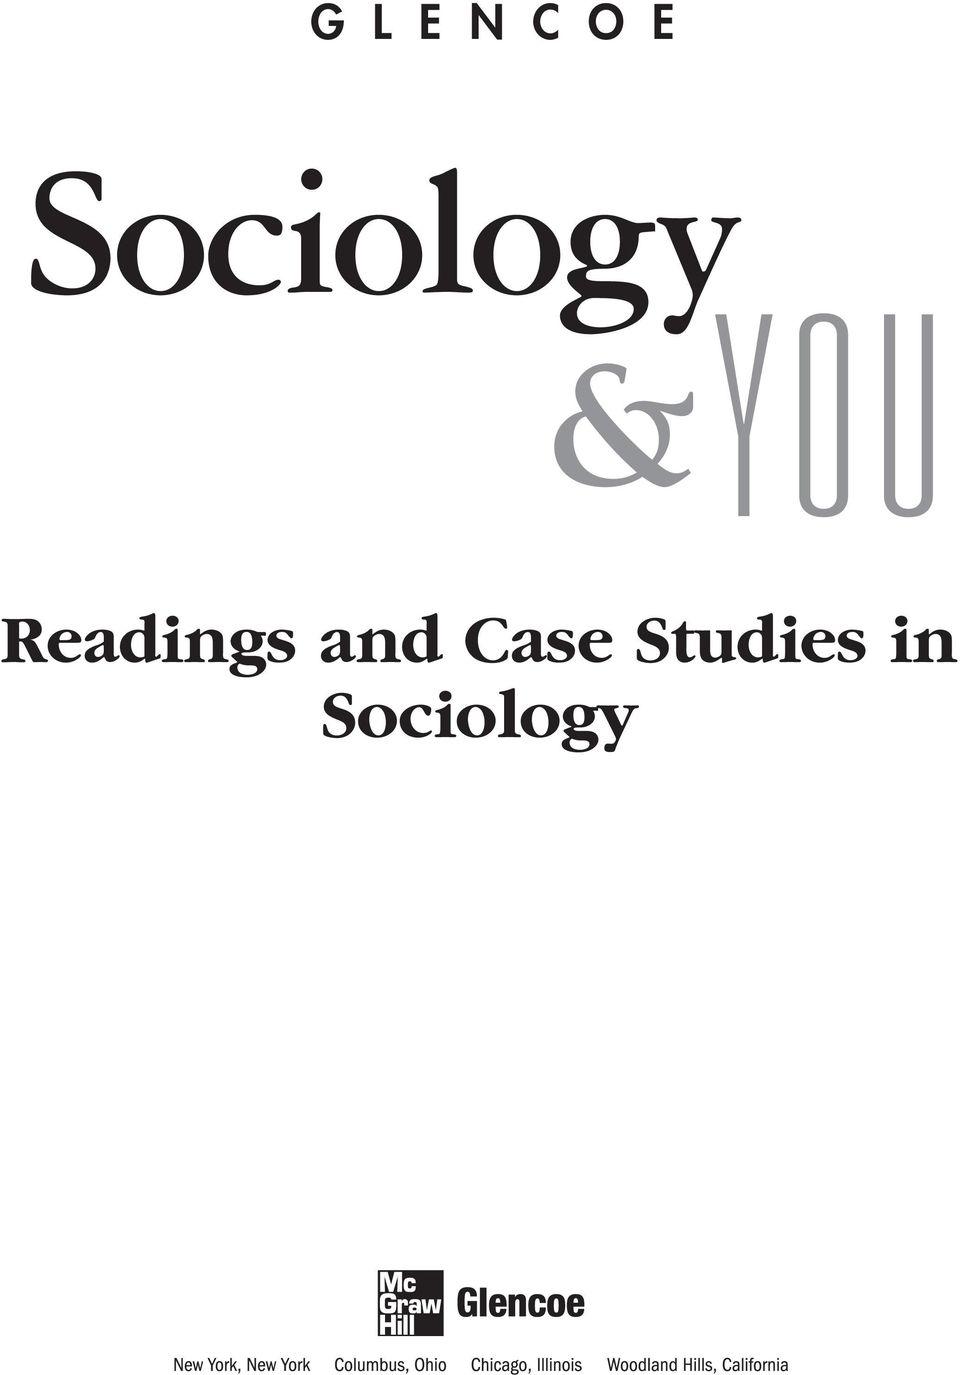 G L E N C O E. Sociology &Y O U. Readings and Case Studies